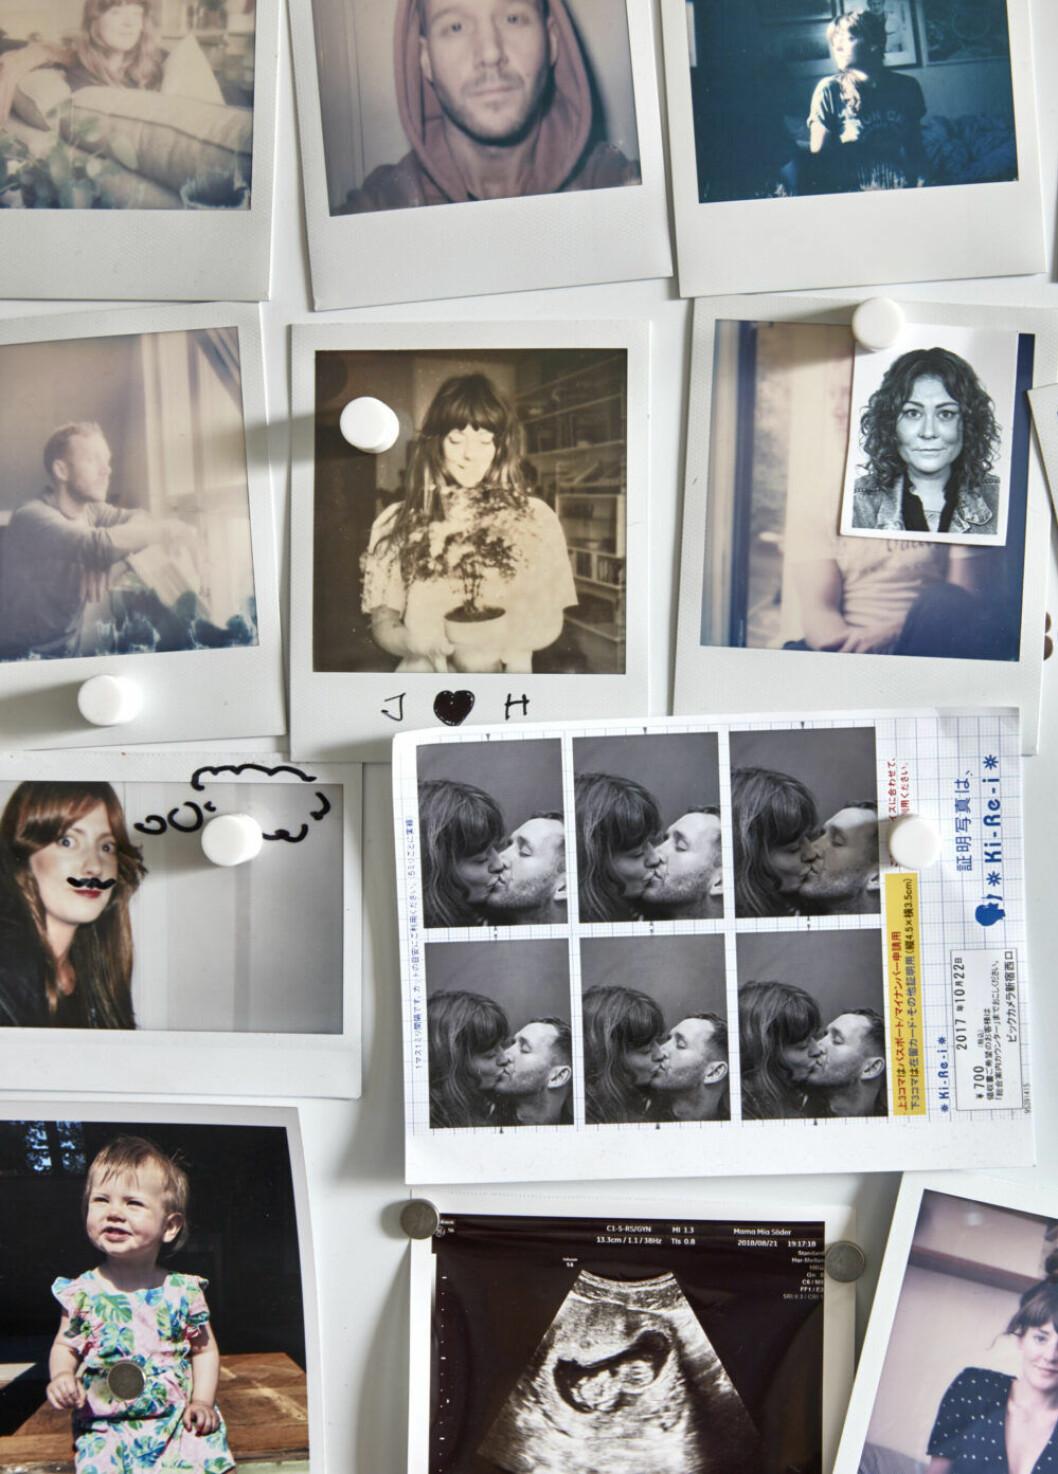 Familjebilder på kylskåpet